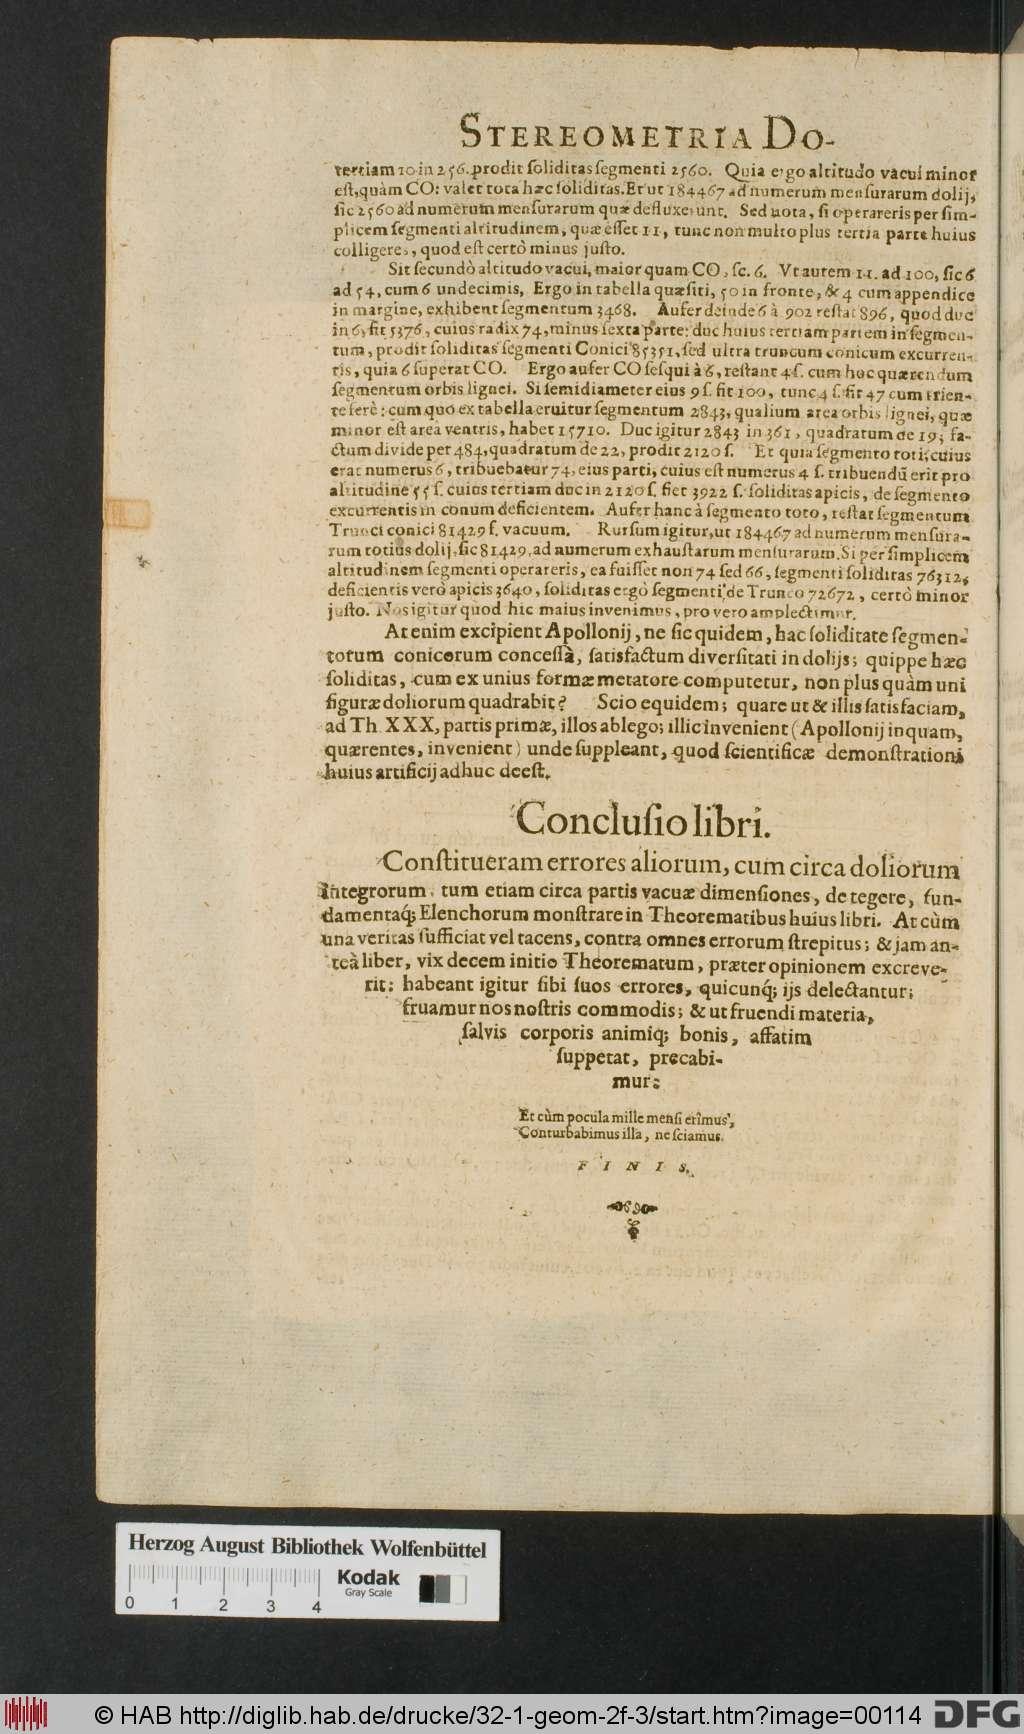 http://diglib.hab.de/drucke/32-1-geom-2f-3/00114.jpg